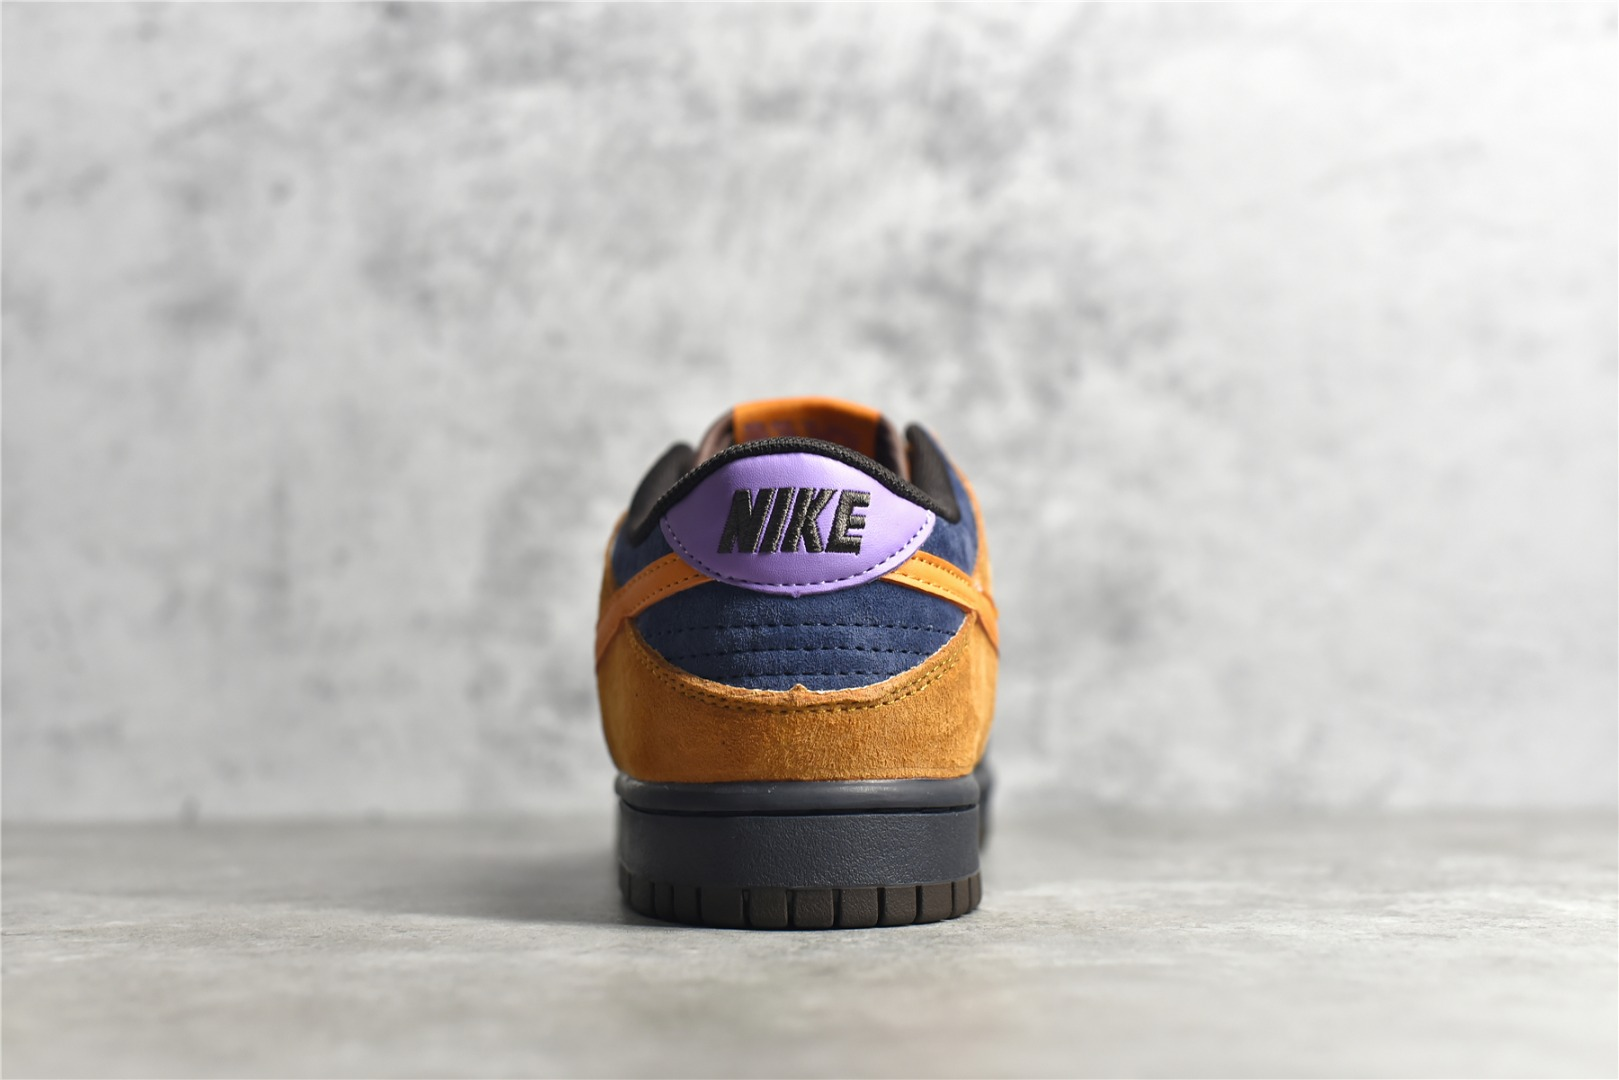 """耐克Dunk大地色低帮 Nike Dunk Low PRM """"Cider"""" 莆田最好的耐克Dunk 耐克Dunk棕色低帮 货号:DH0601-001-潮流者之家"""